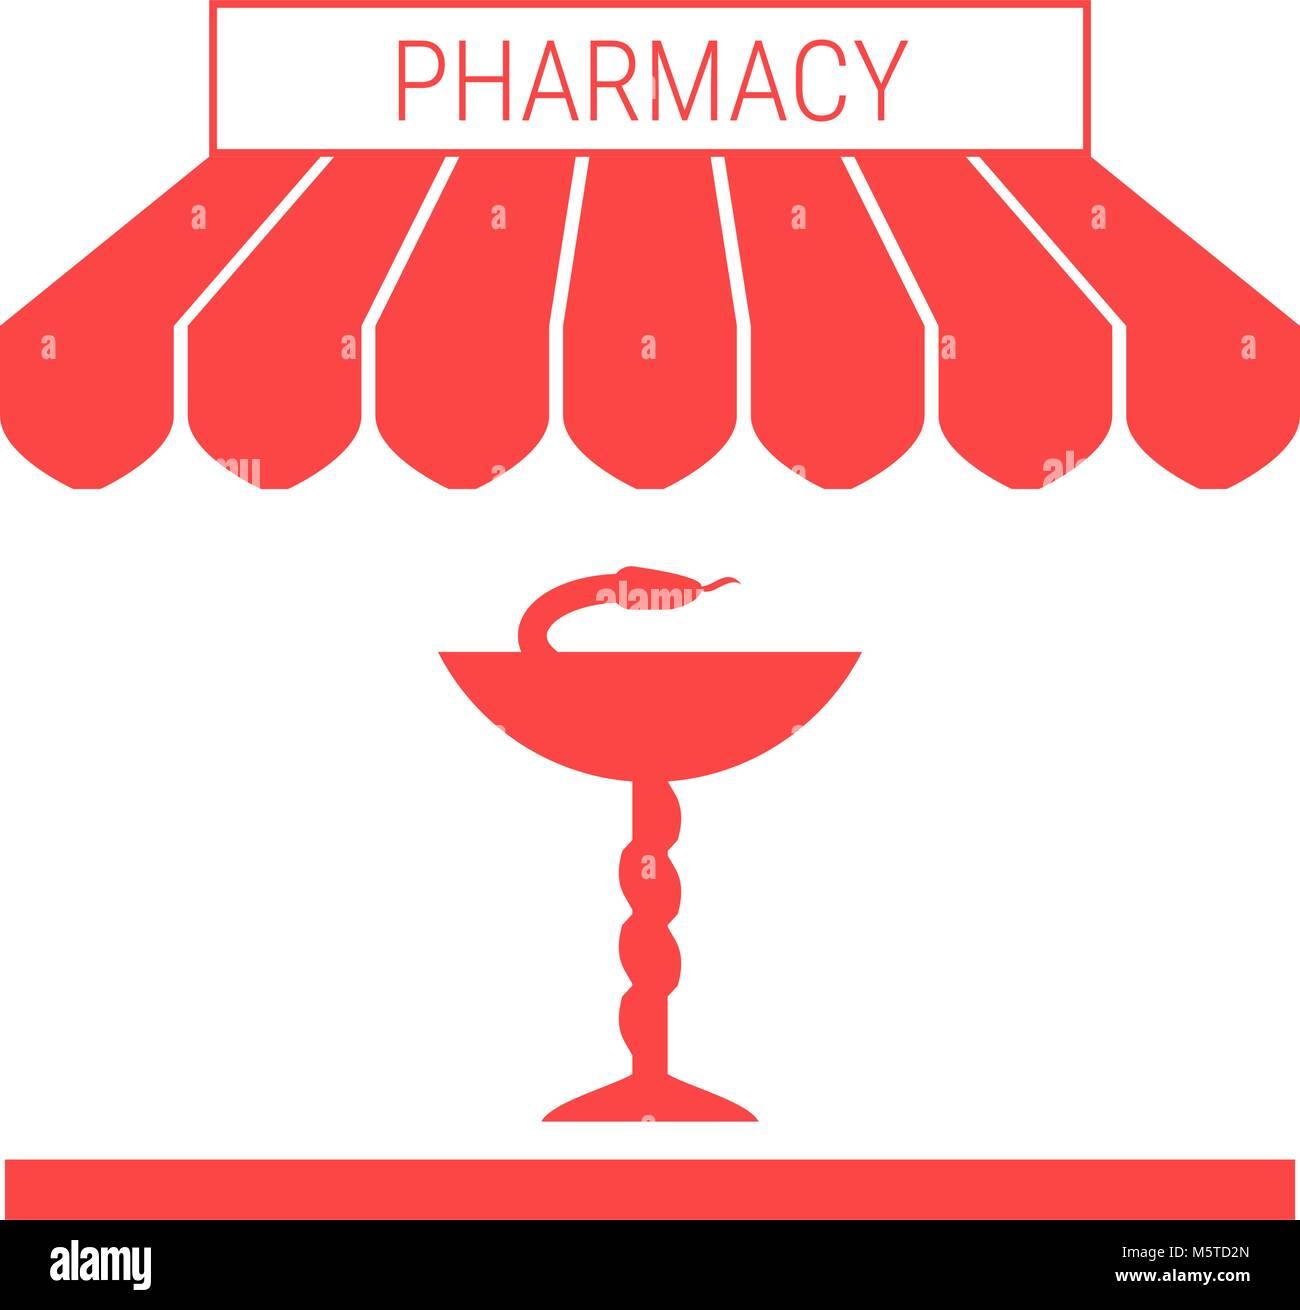 Emblem For Drugstore Or Medicine Stock Photos & Emblem For ...